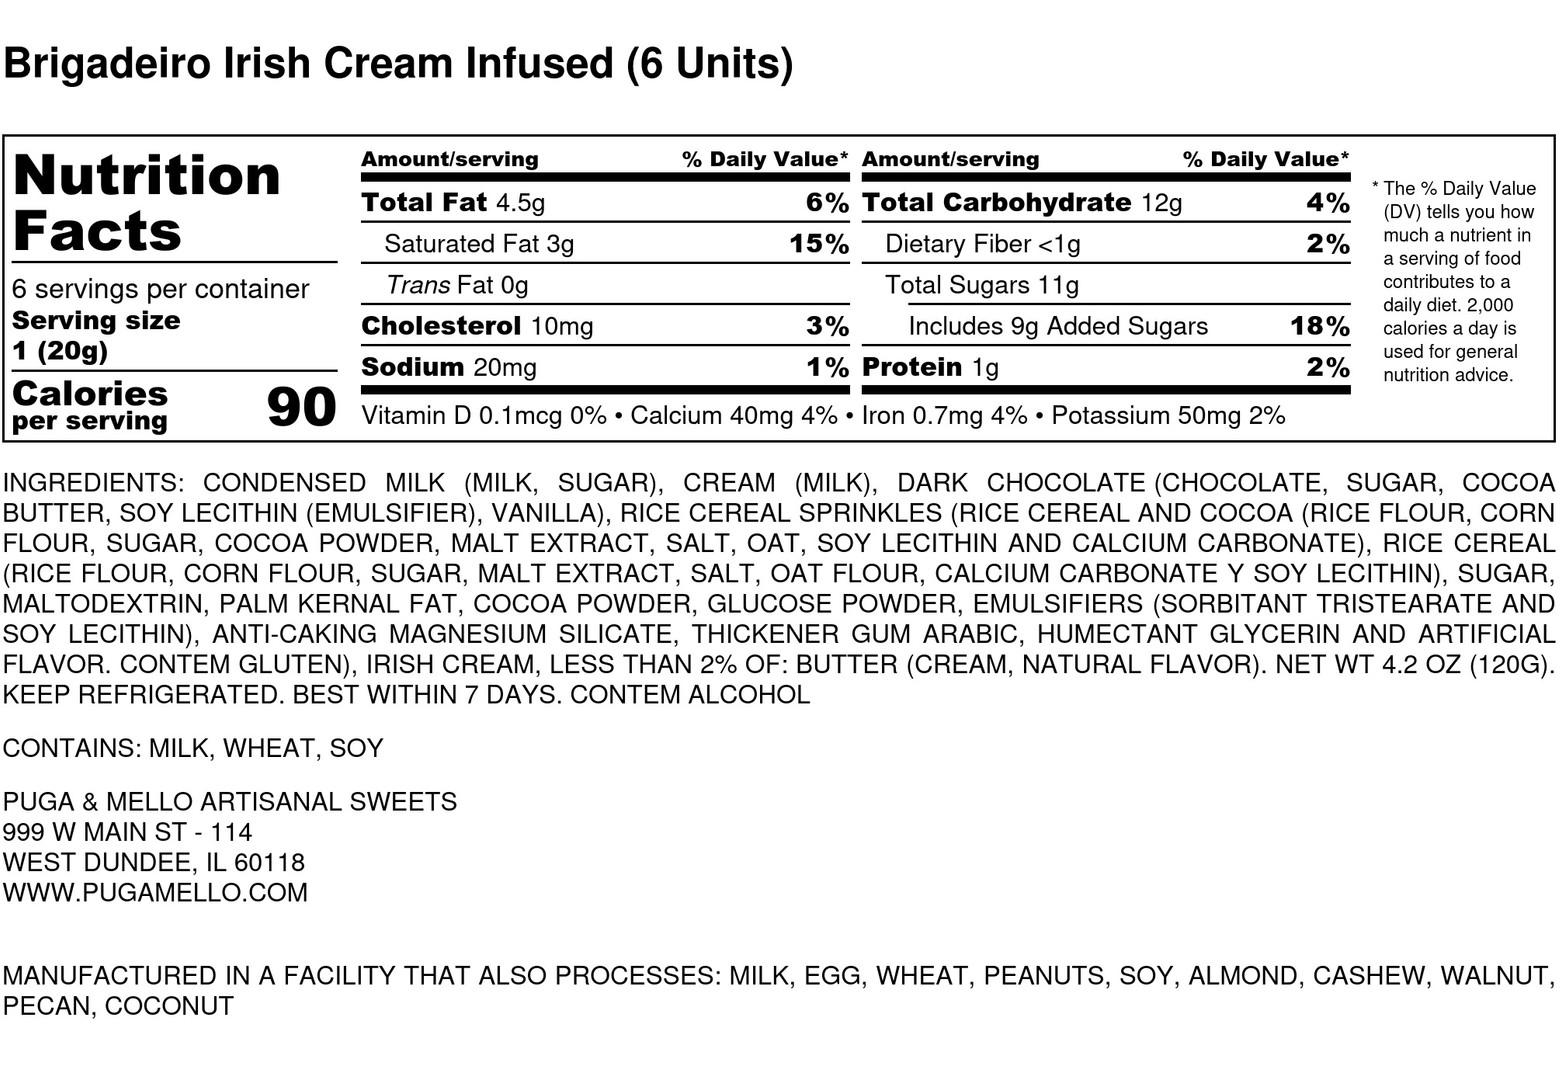 Brigadeiro Irish Cream Infused (6 Units)